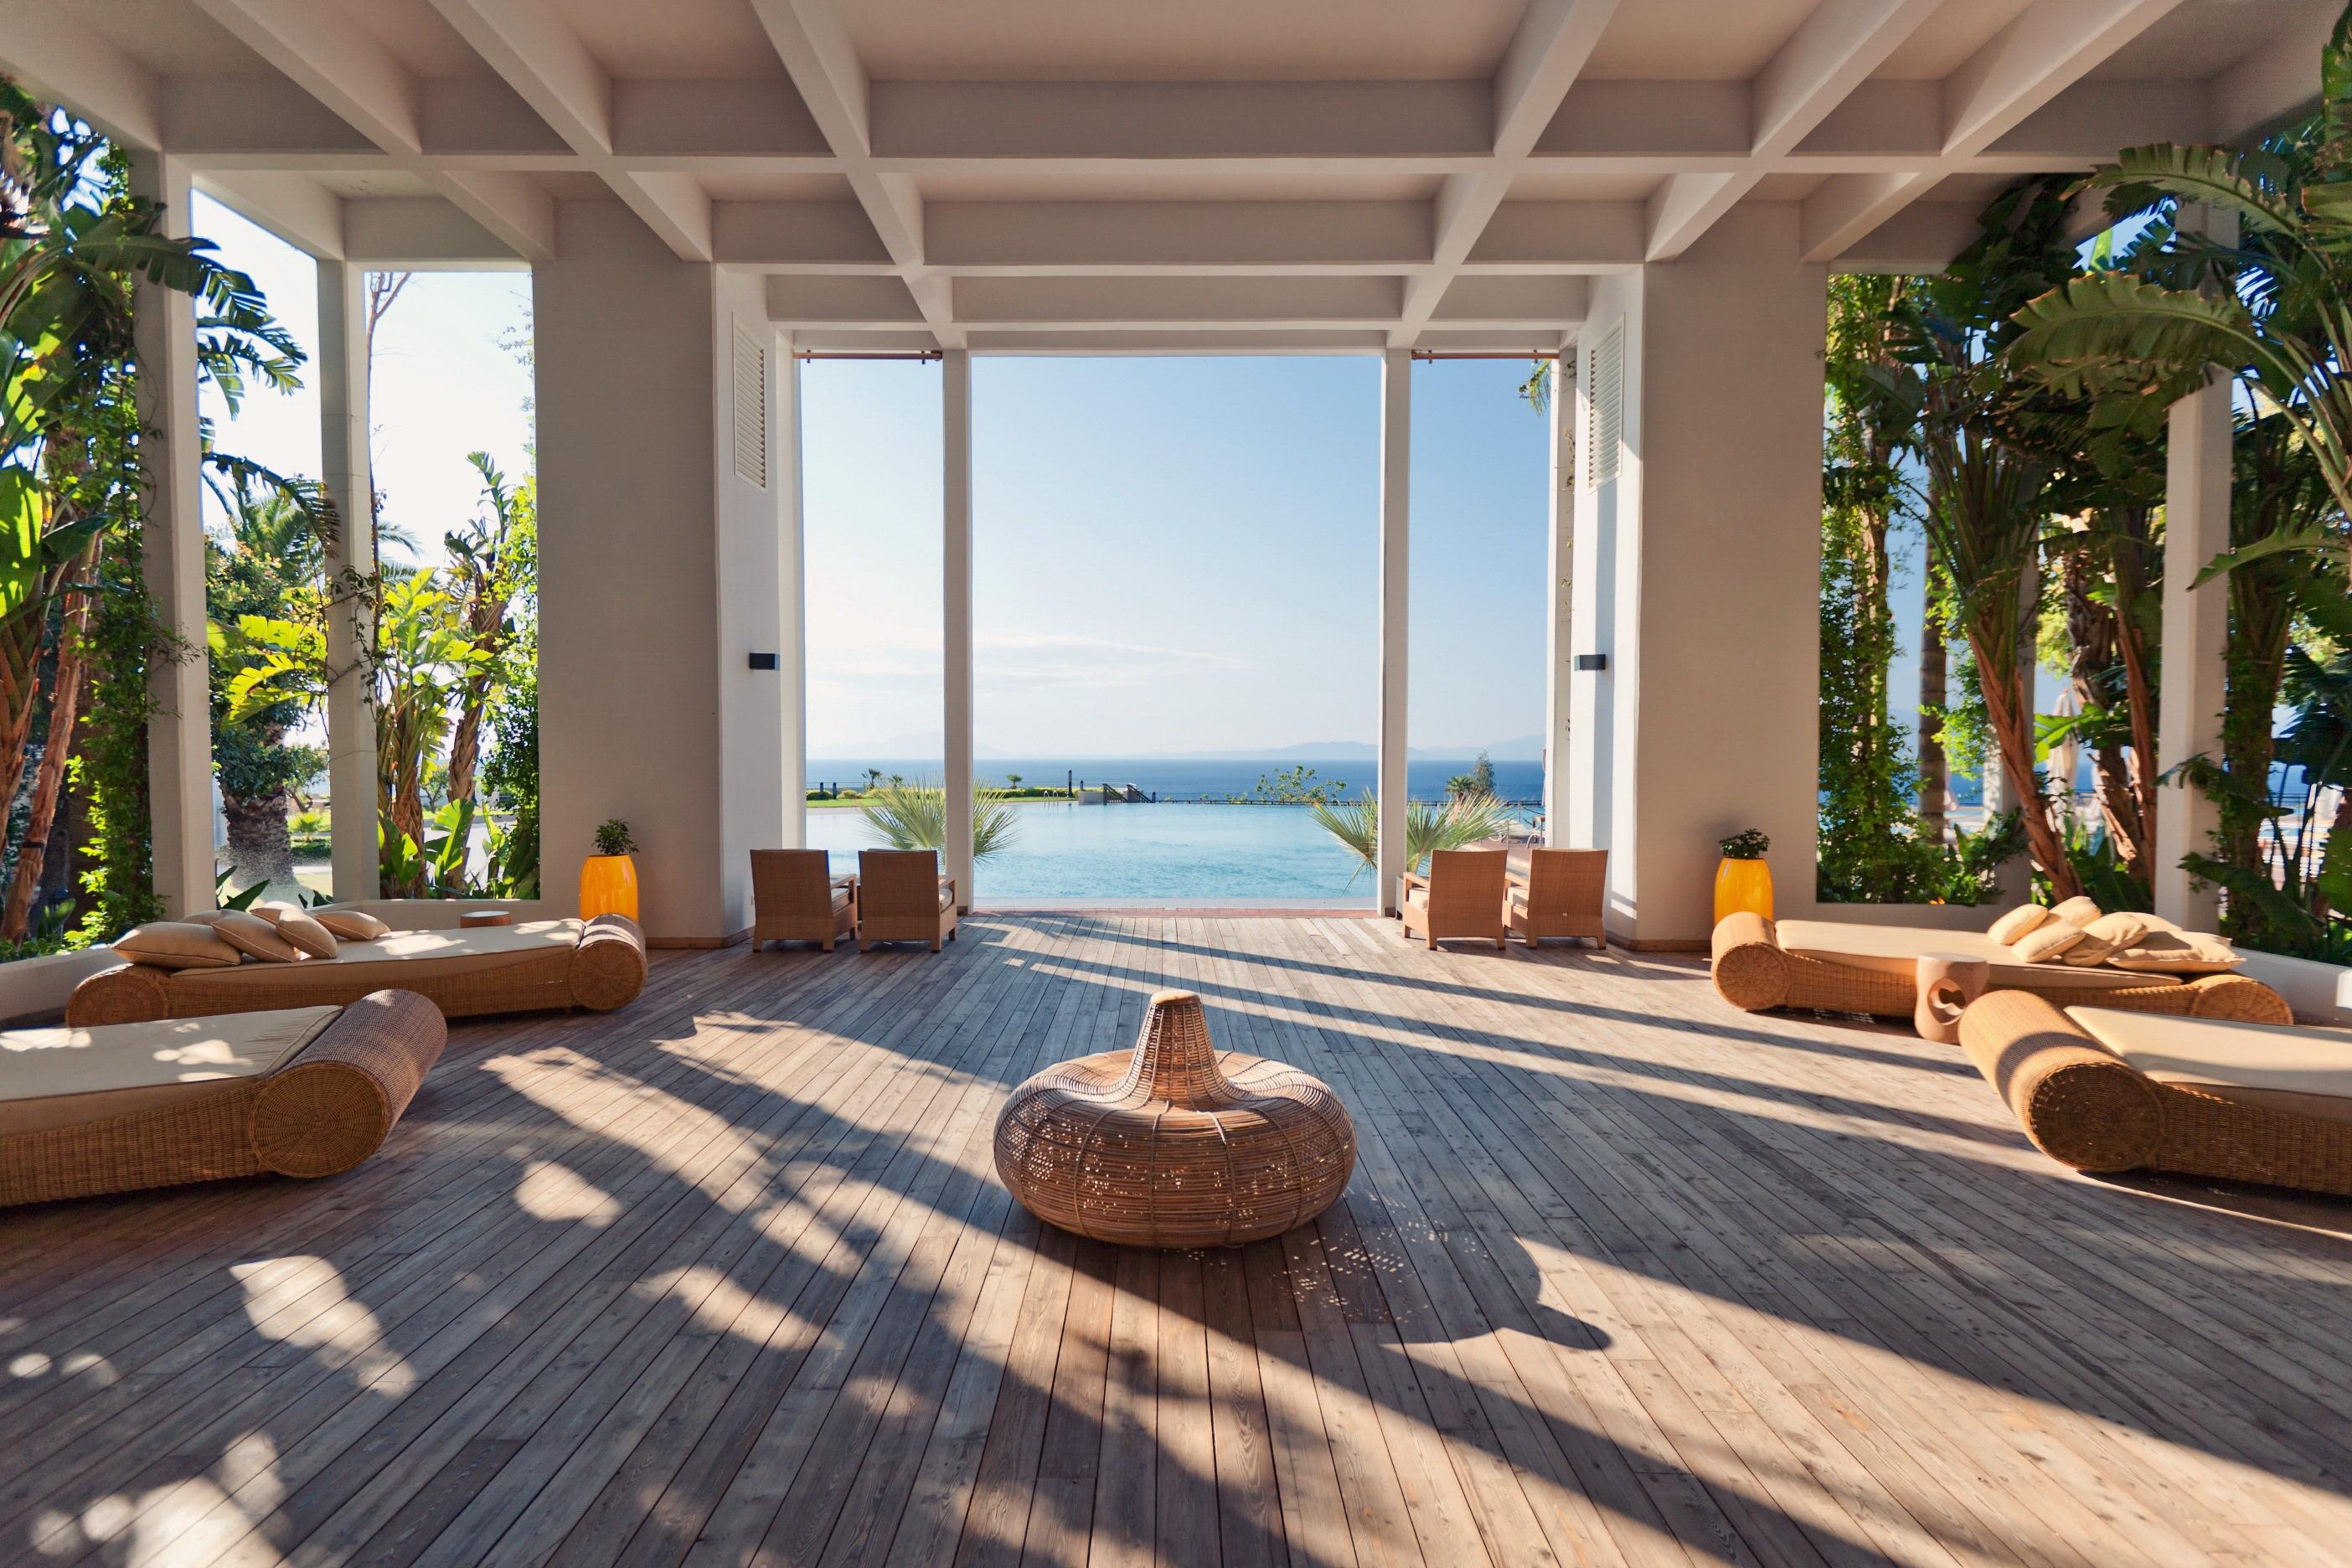 Event d'été : Hôtel en bord de plage ! 370362